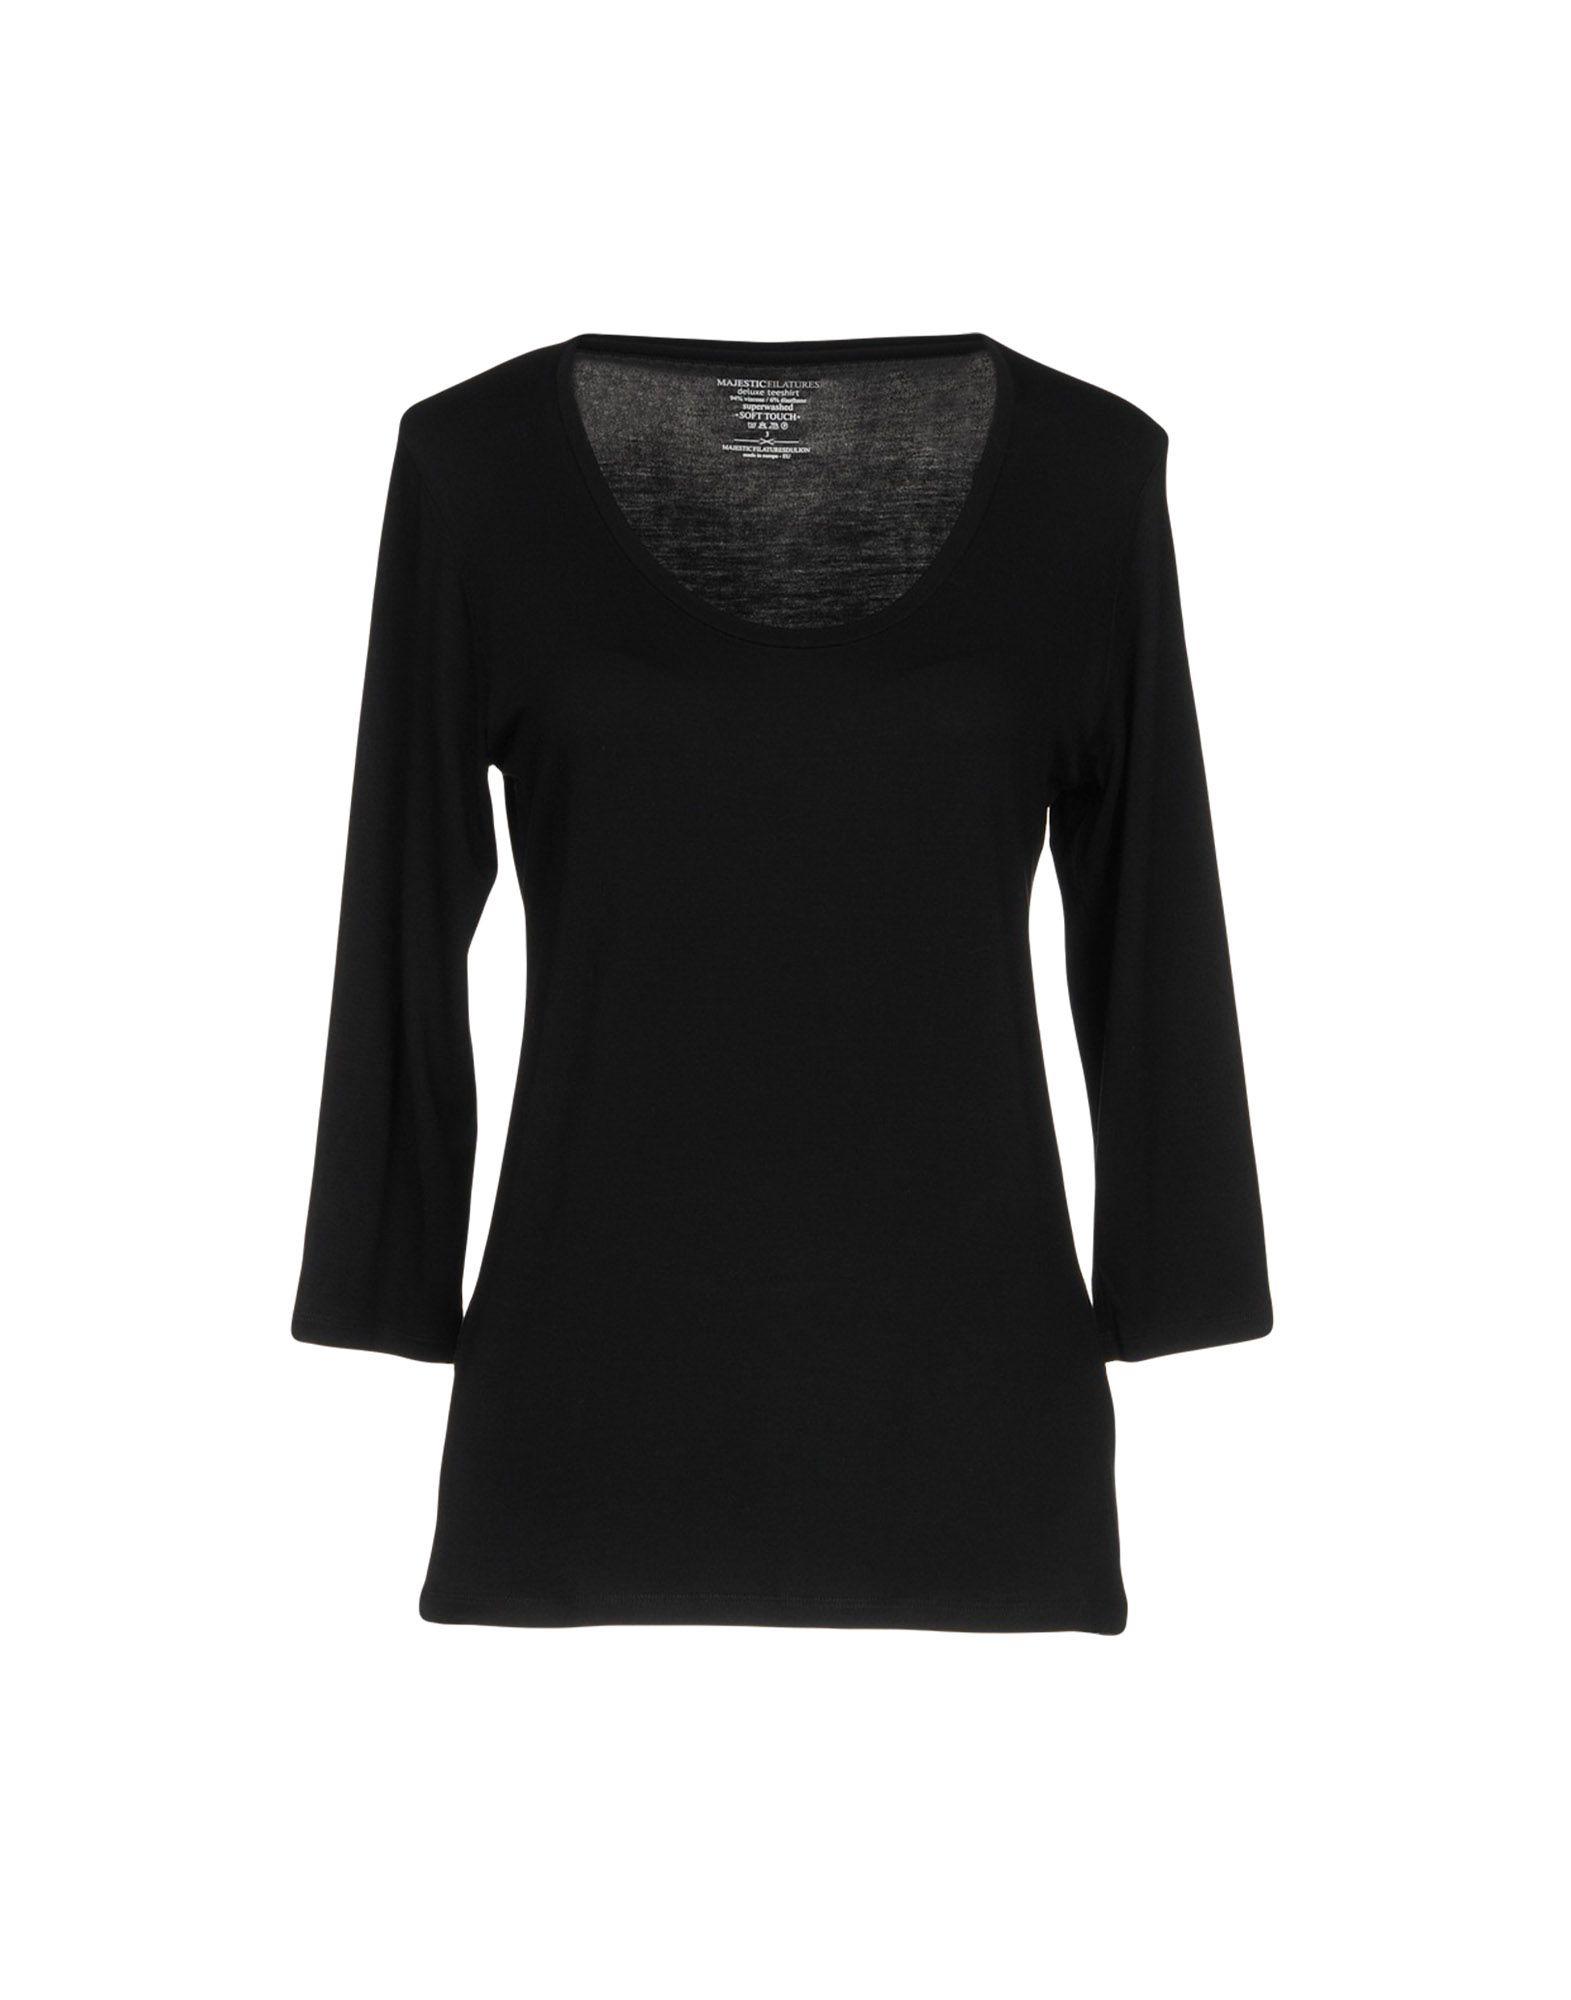 《期間限定セール開催中!》MAJESTIC FILATURES レディース T シャツ ブラック 3 レーヨン 94% / ポリウレタン 6%